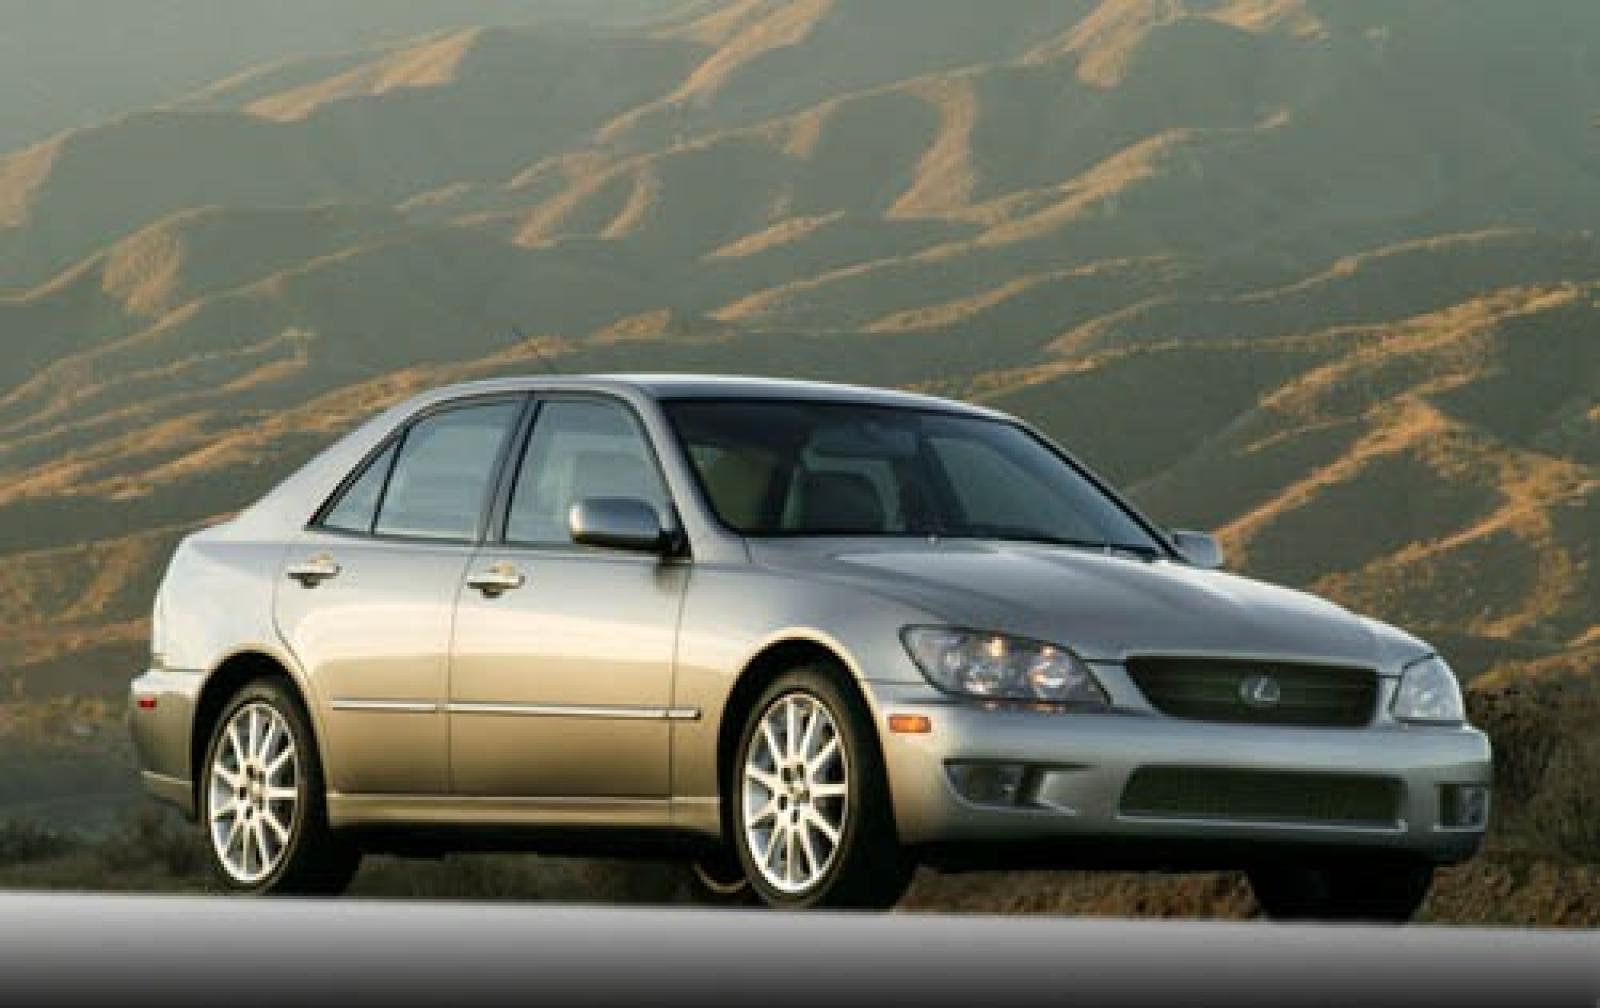 800 1024 1280 1600 Origin 2005 Lexus IS 300 ...